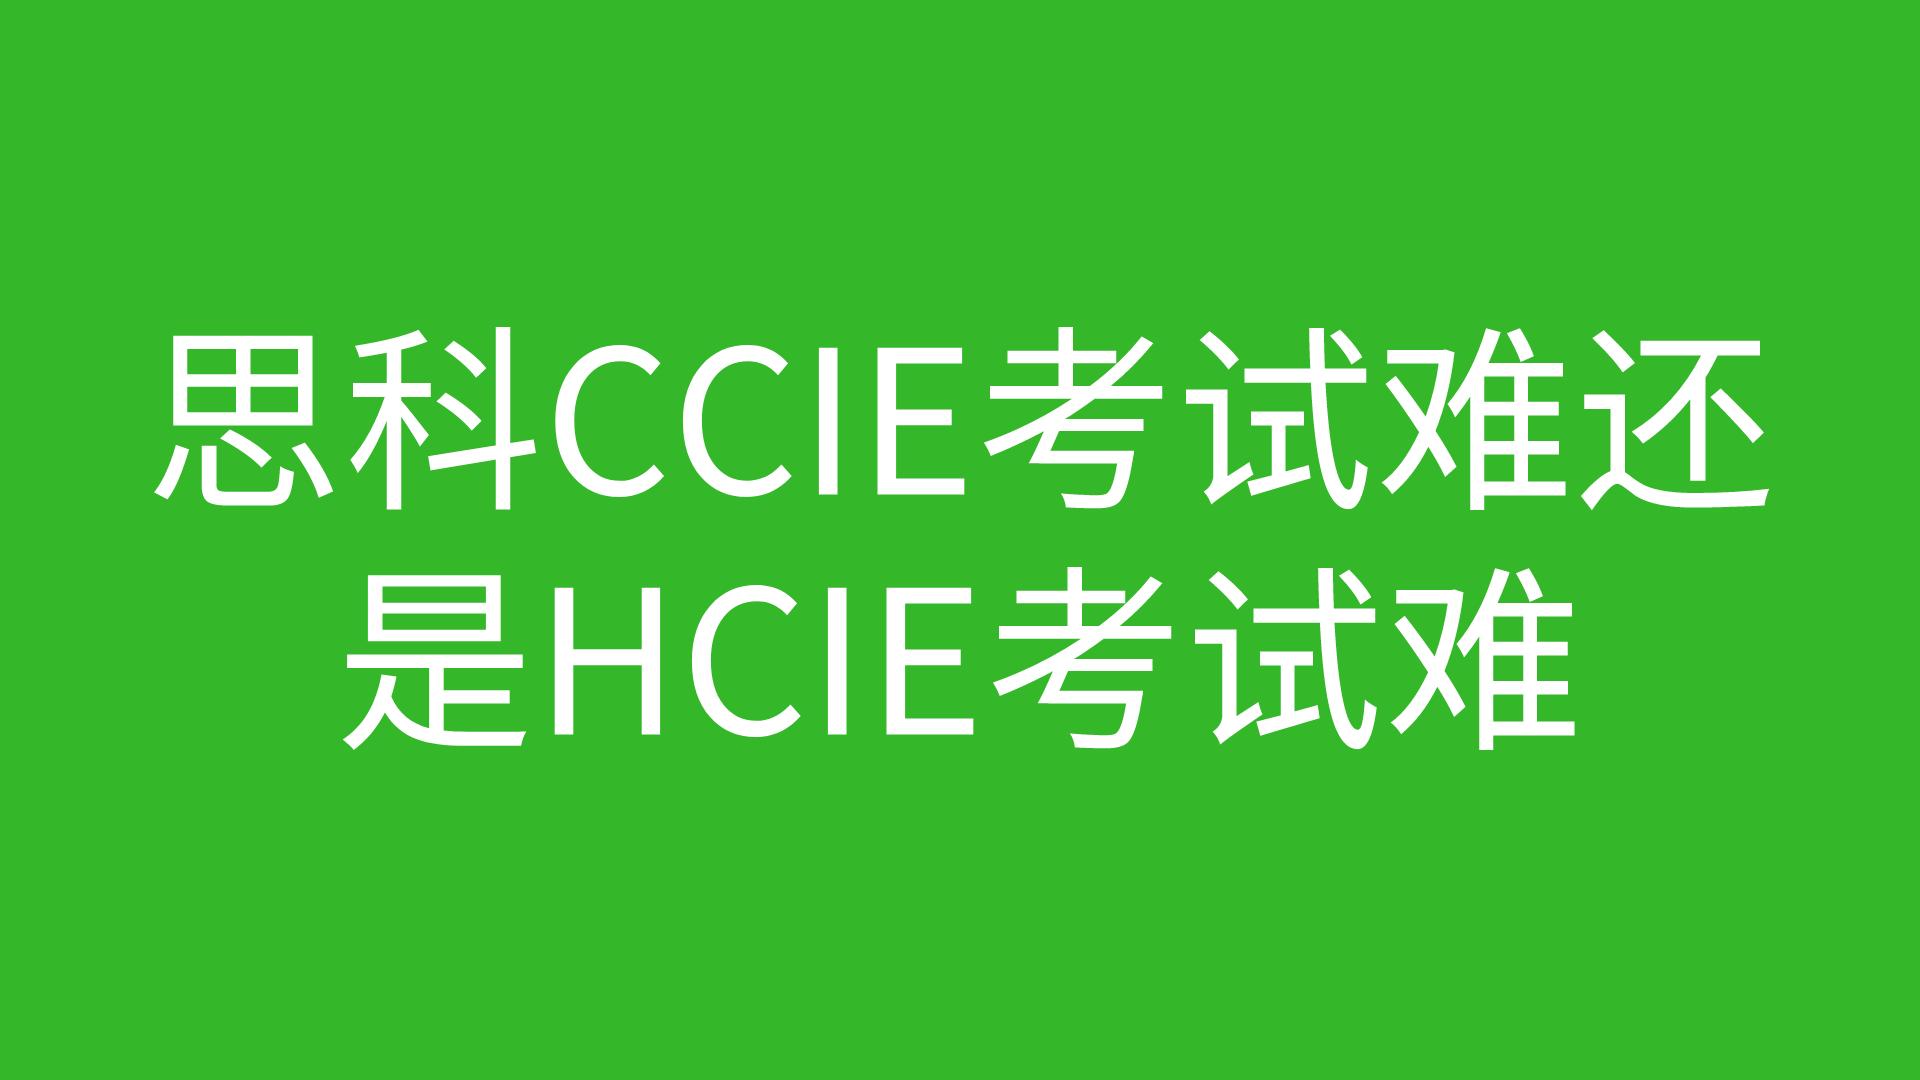 思科CCIE考试难还是HCIE考试难?